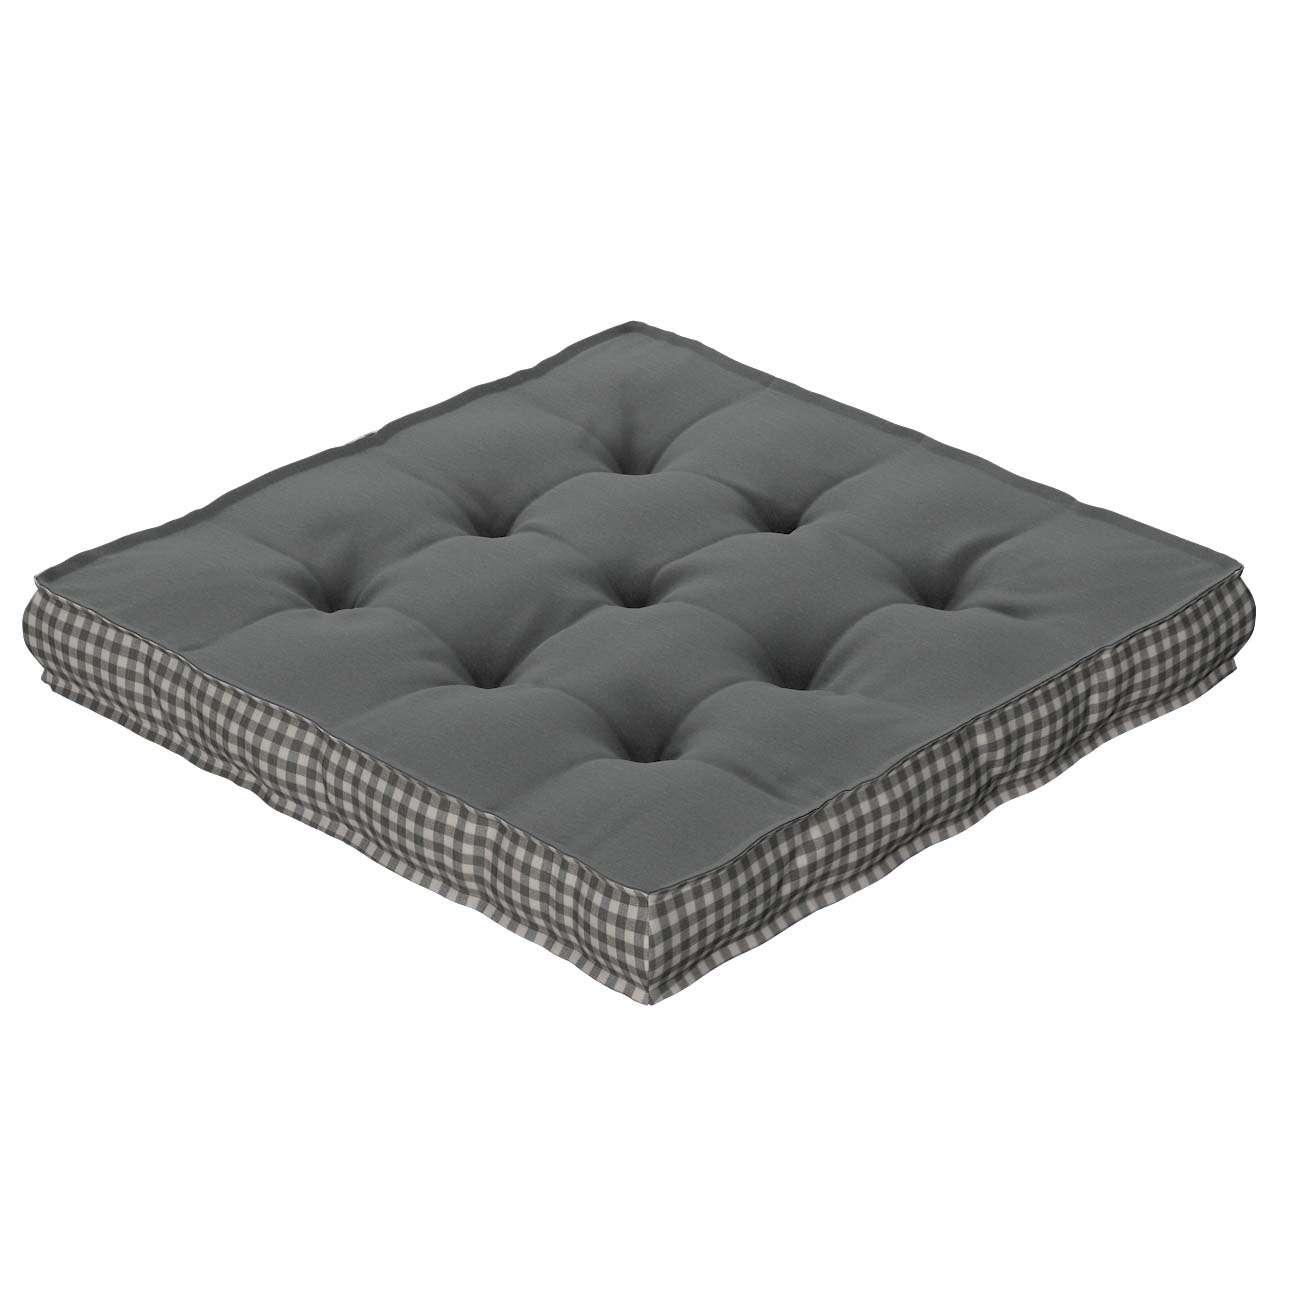 Pagalvėlė Kuba kėdei/ant grindų 40 x 40 x 6 cm kolekcijoje Quadro, audinys: 136-14